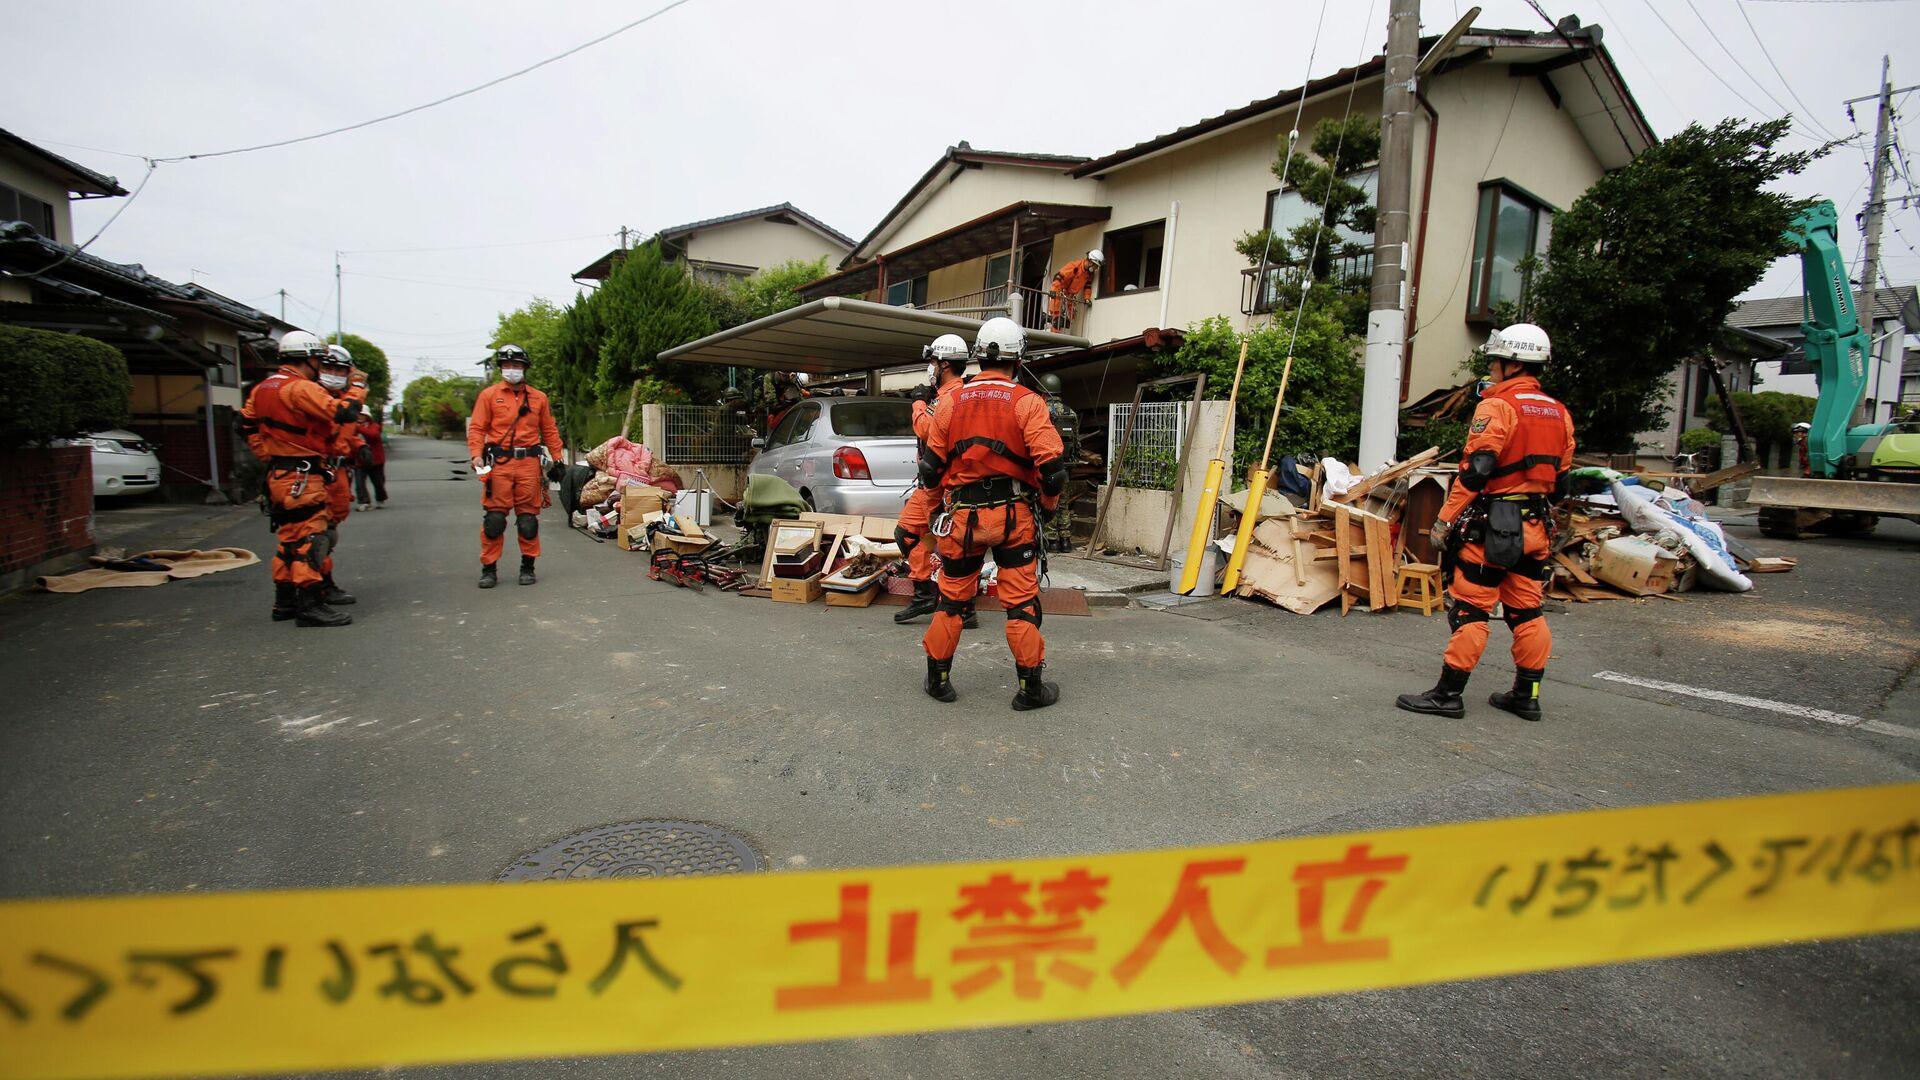 Спасатели у разрушенного дома в Японии - РИА Новости, 1920, 13.02.2021